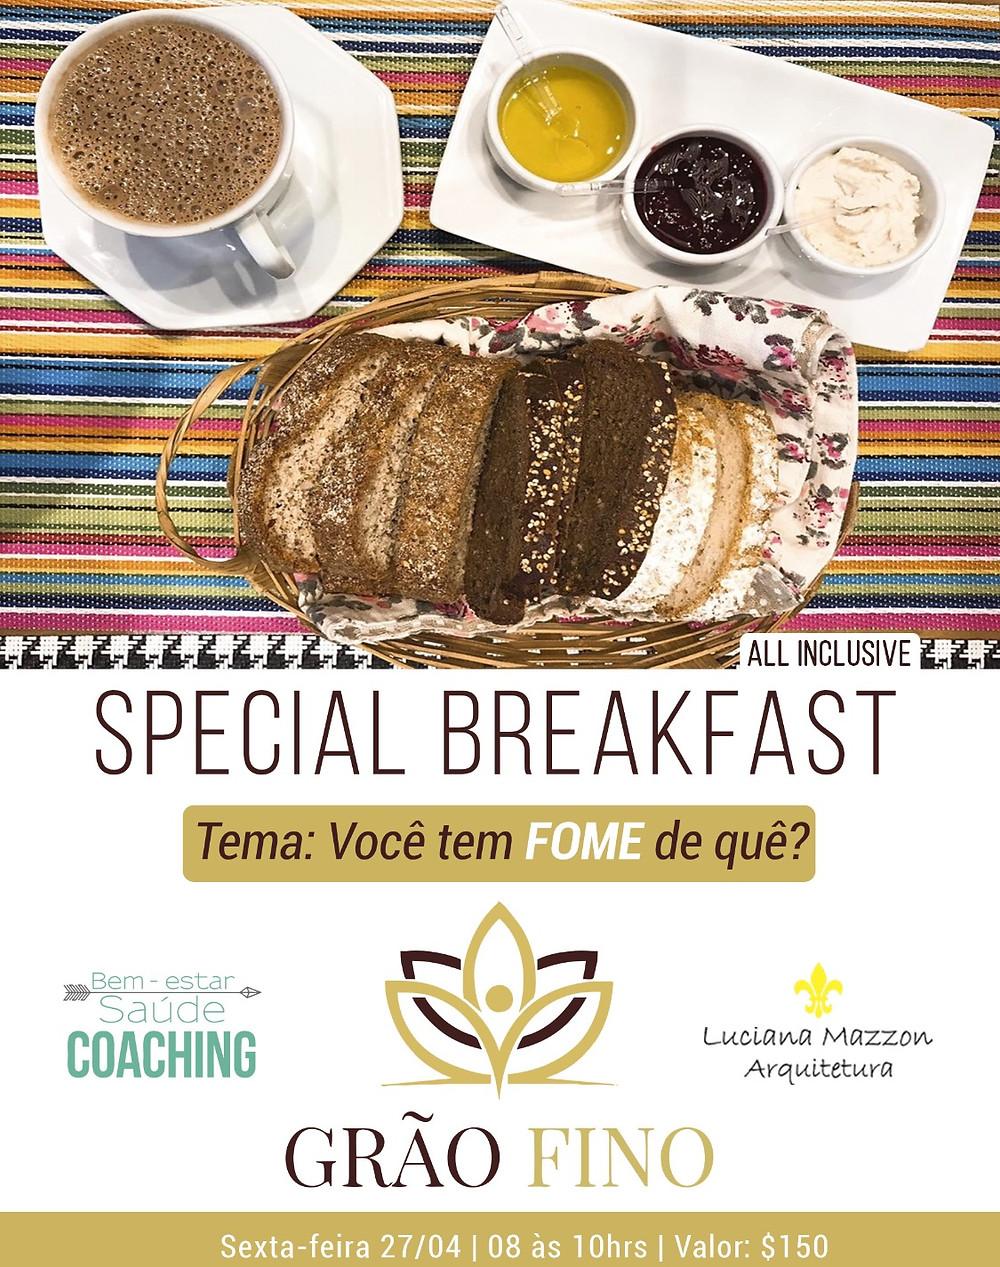 Special Breakfast - Você tem fome de quê?